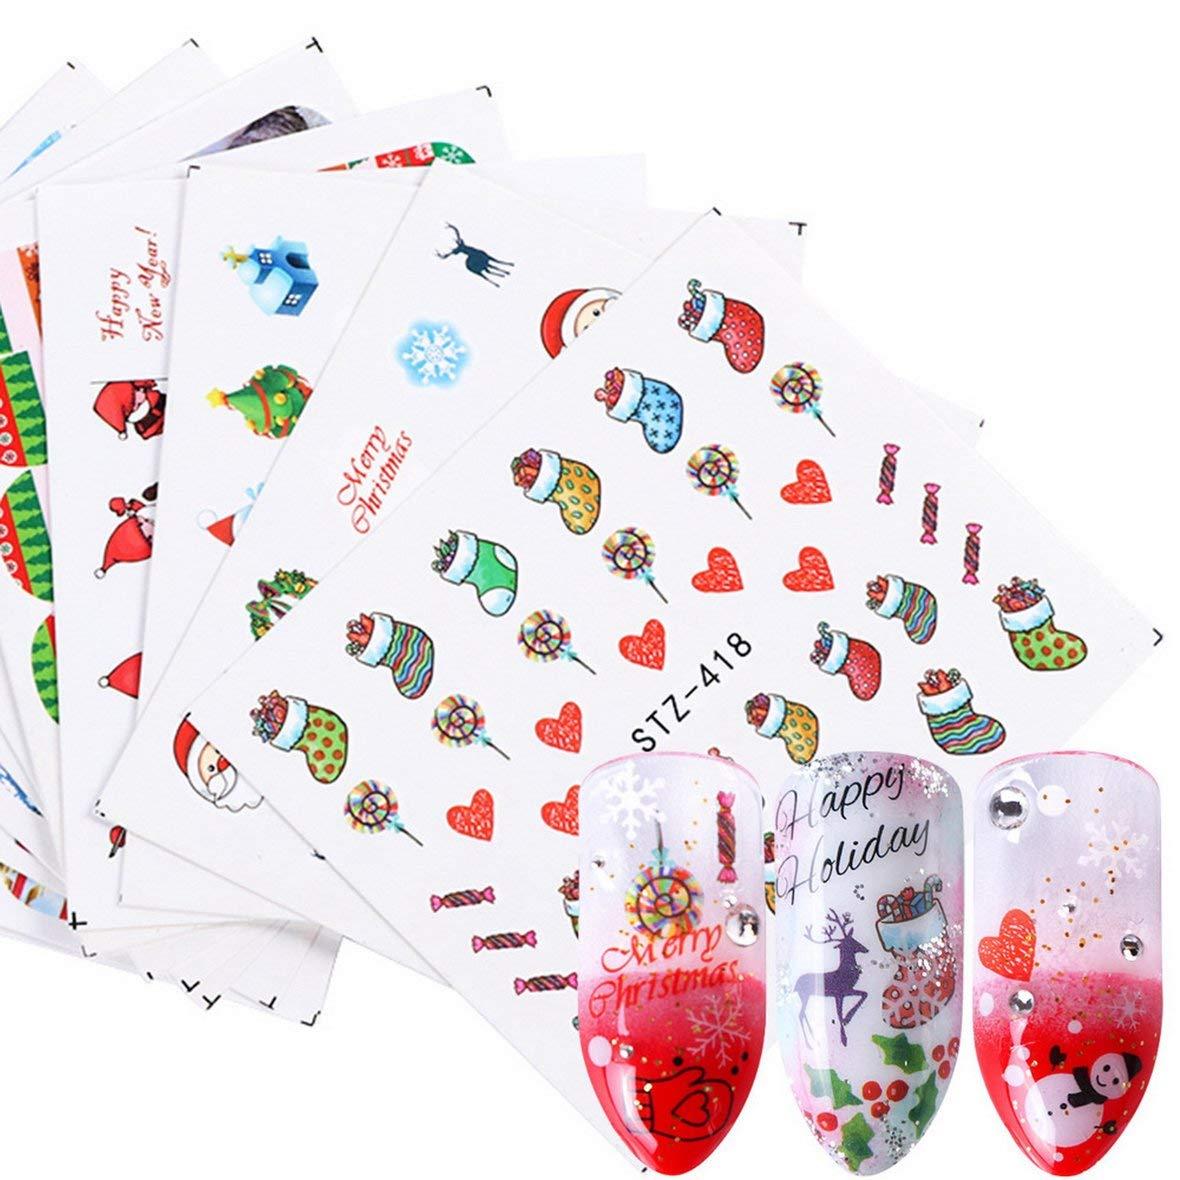 Heaviesk Invierno Navidad Serie manicura Marca de Agua Pegatina Moda impresi/ón u/ñas Papel u/ñas Arte decoraci/ón DIY Herramienta de u/ñas